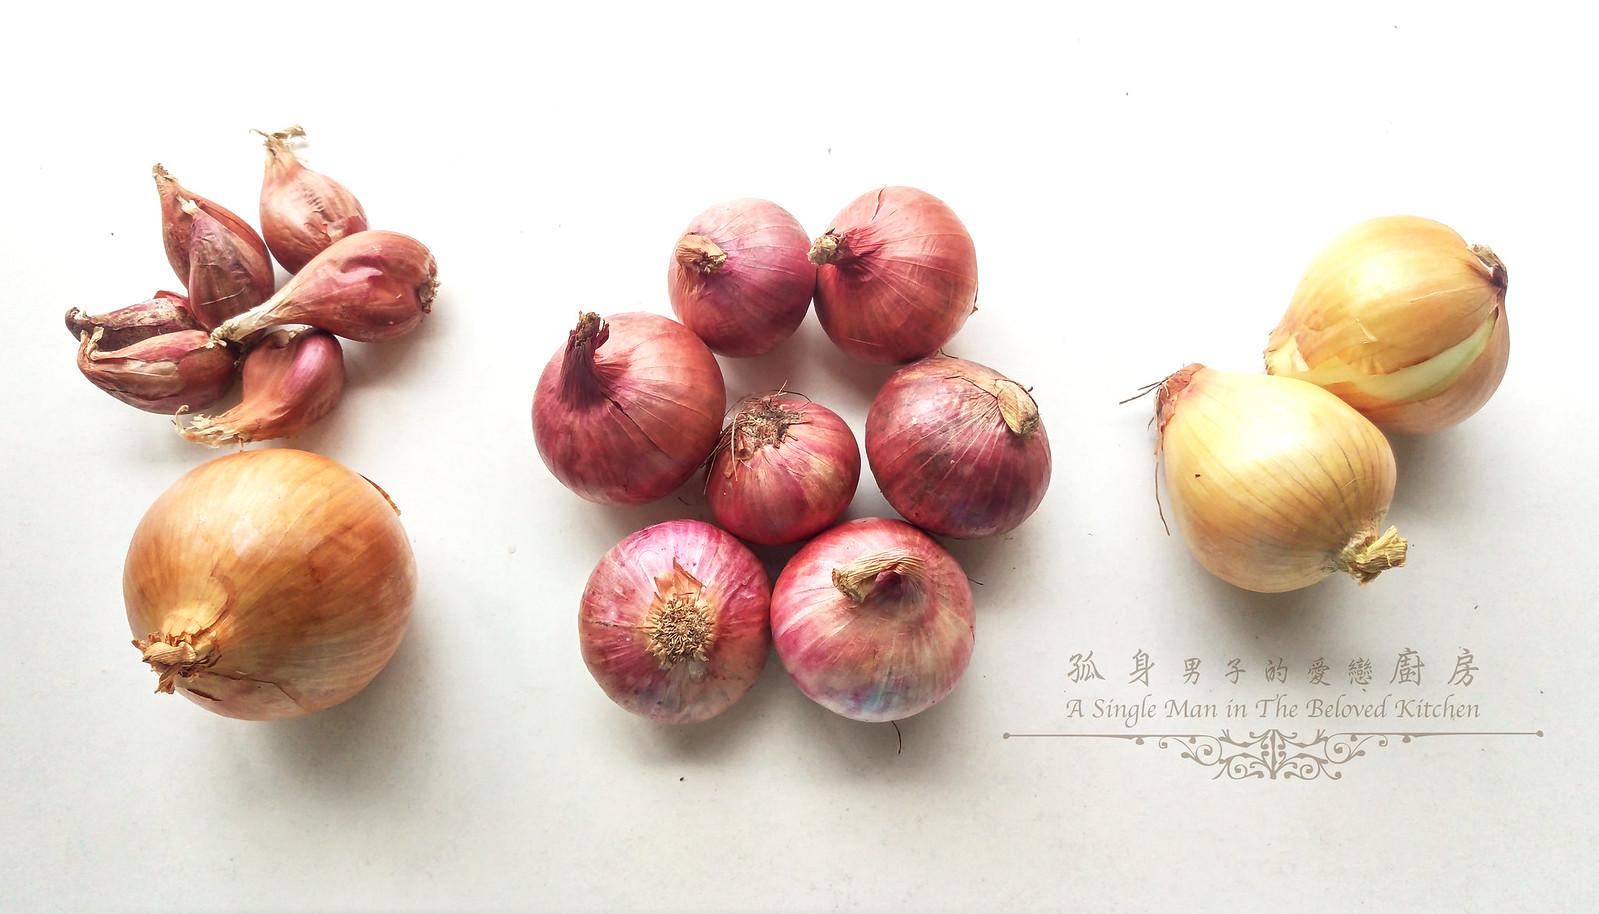 孤身廚房-毛蔥頭——加外掛版的洋蔥+紅蔥頭!超好用!1